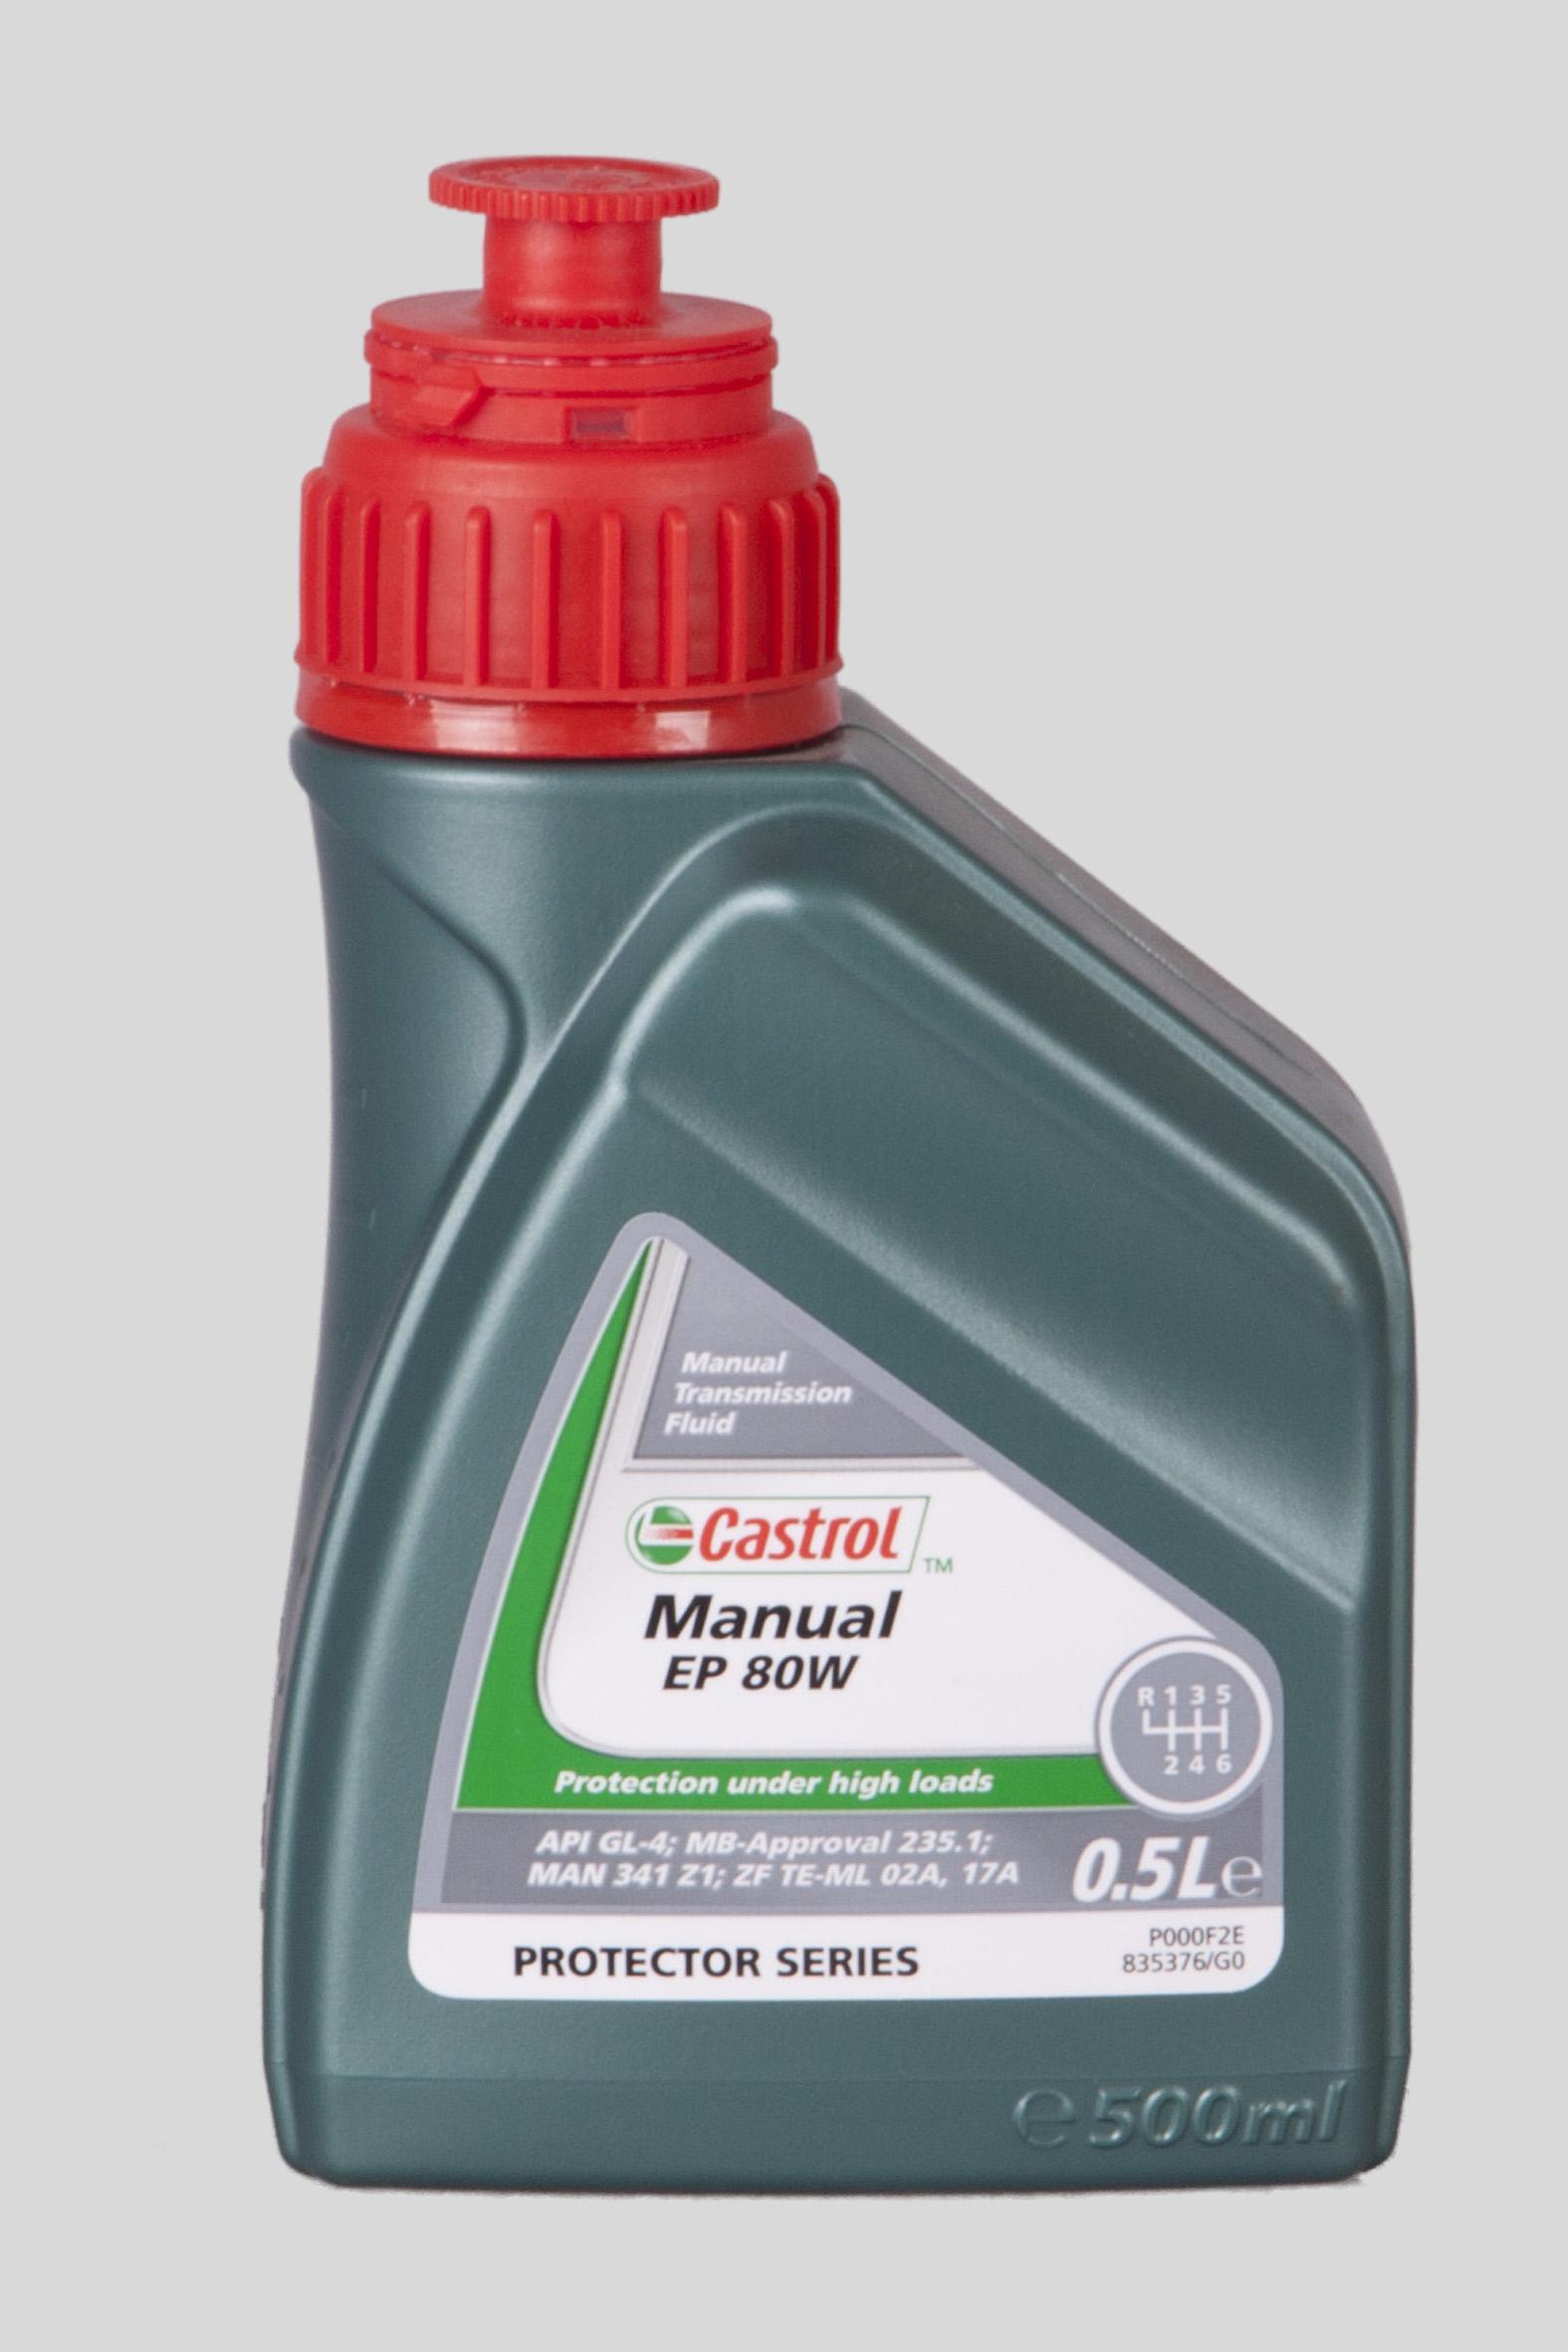 Castrol Manual EP 80W 500ml